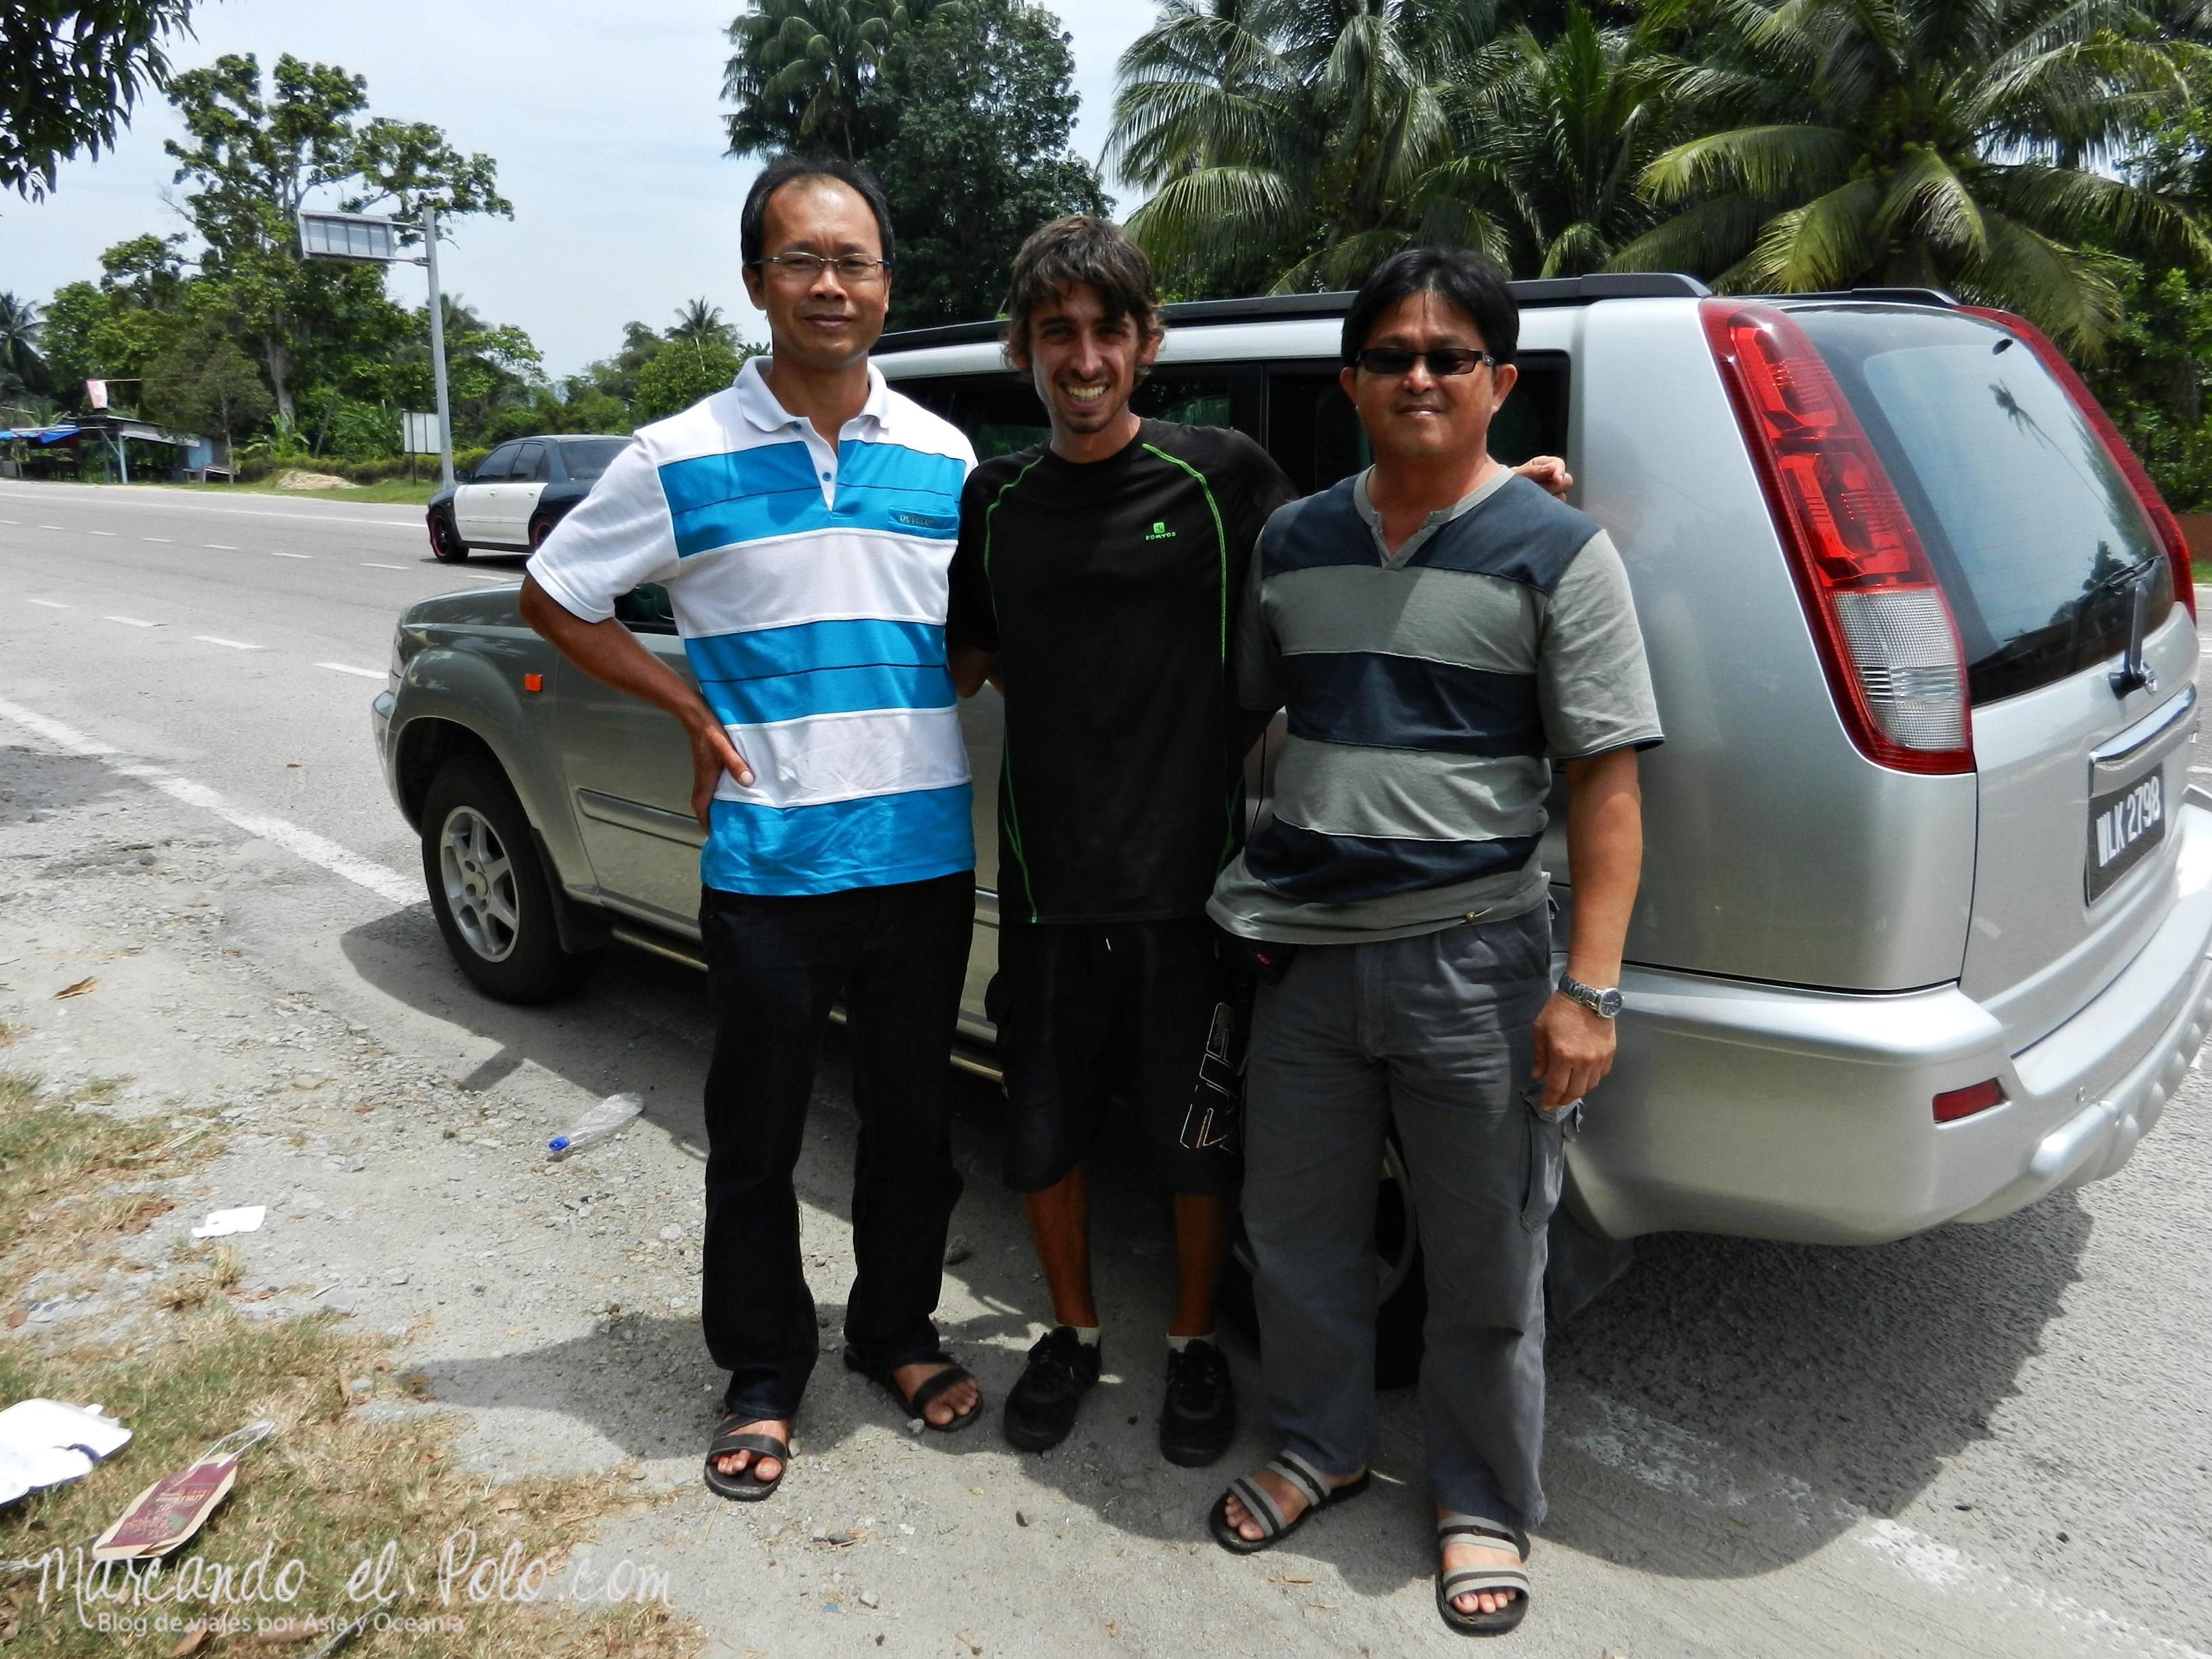 Con los dueños de una procesadora de pescados, quienes se desviaron 50 km para dejarnos en Kuala Besut.